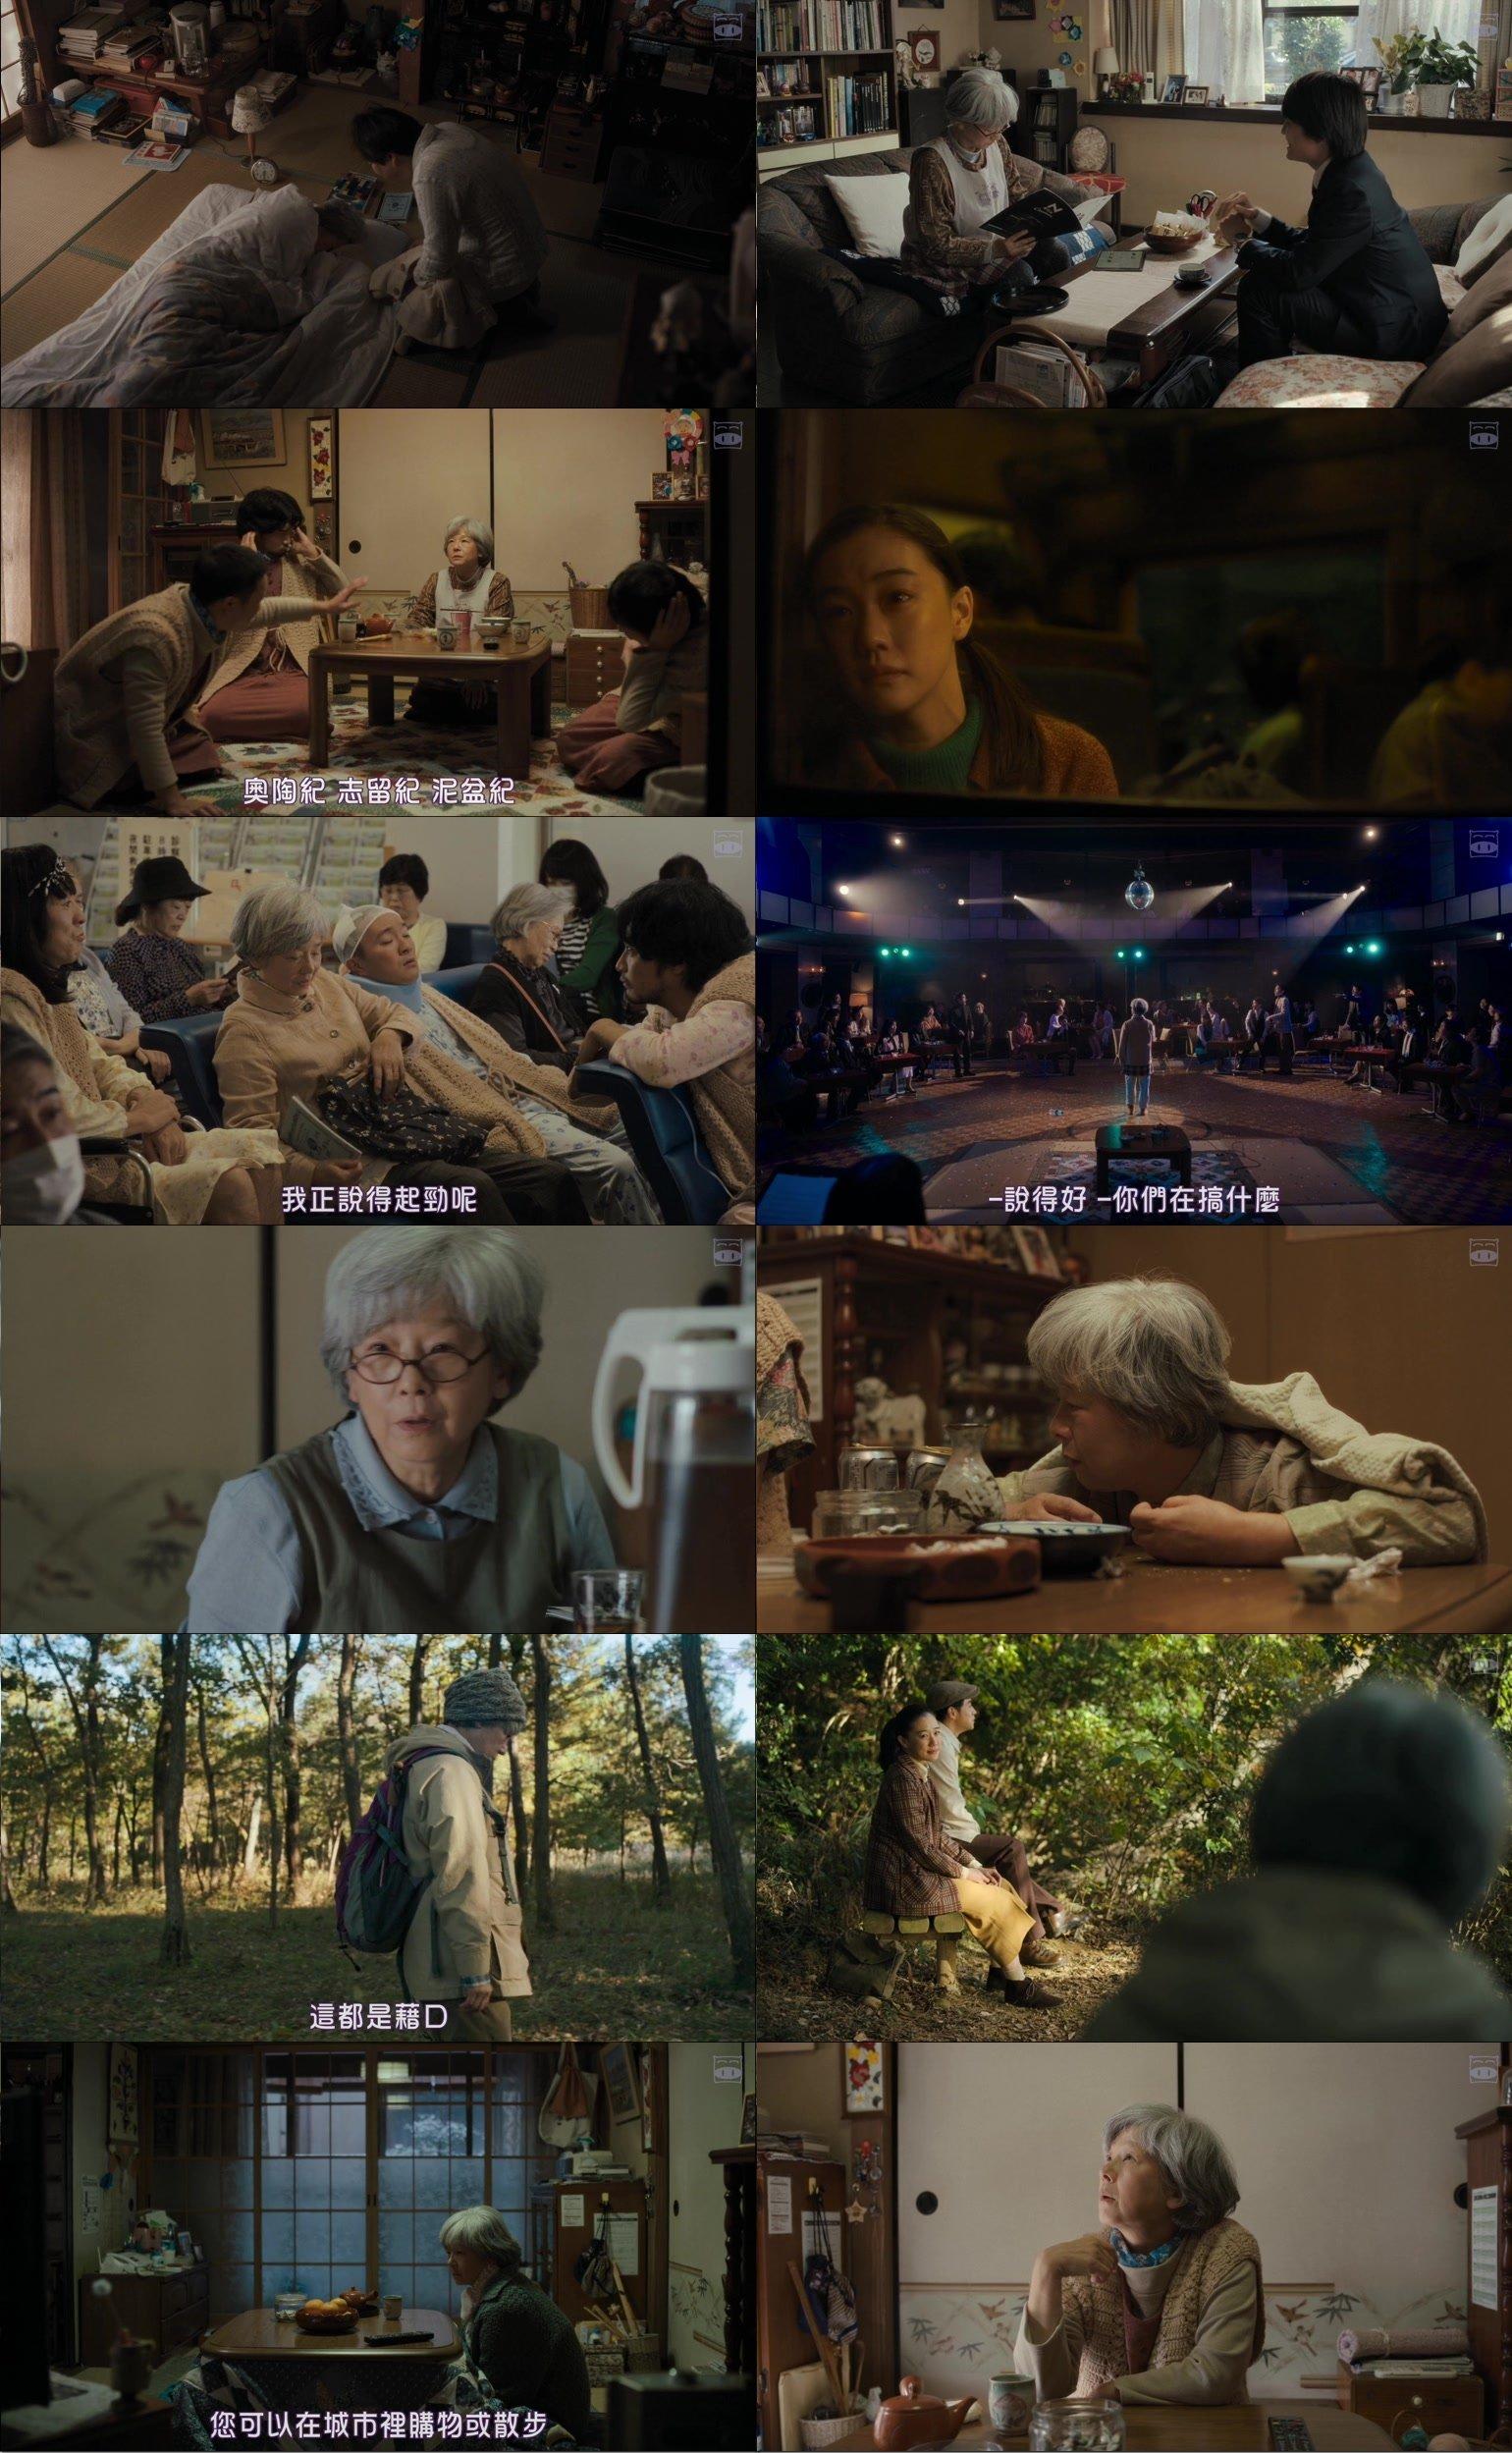 [x3]劇場版情色小說家 我啊走自己的路 明天會好的.720p[繁中]